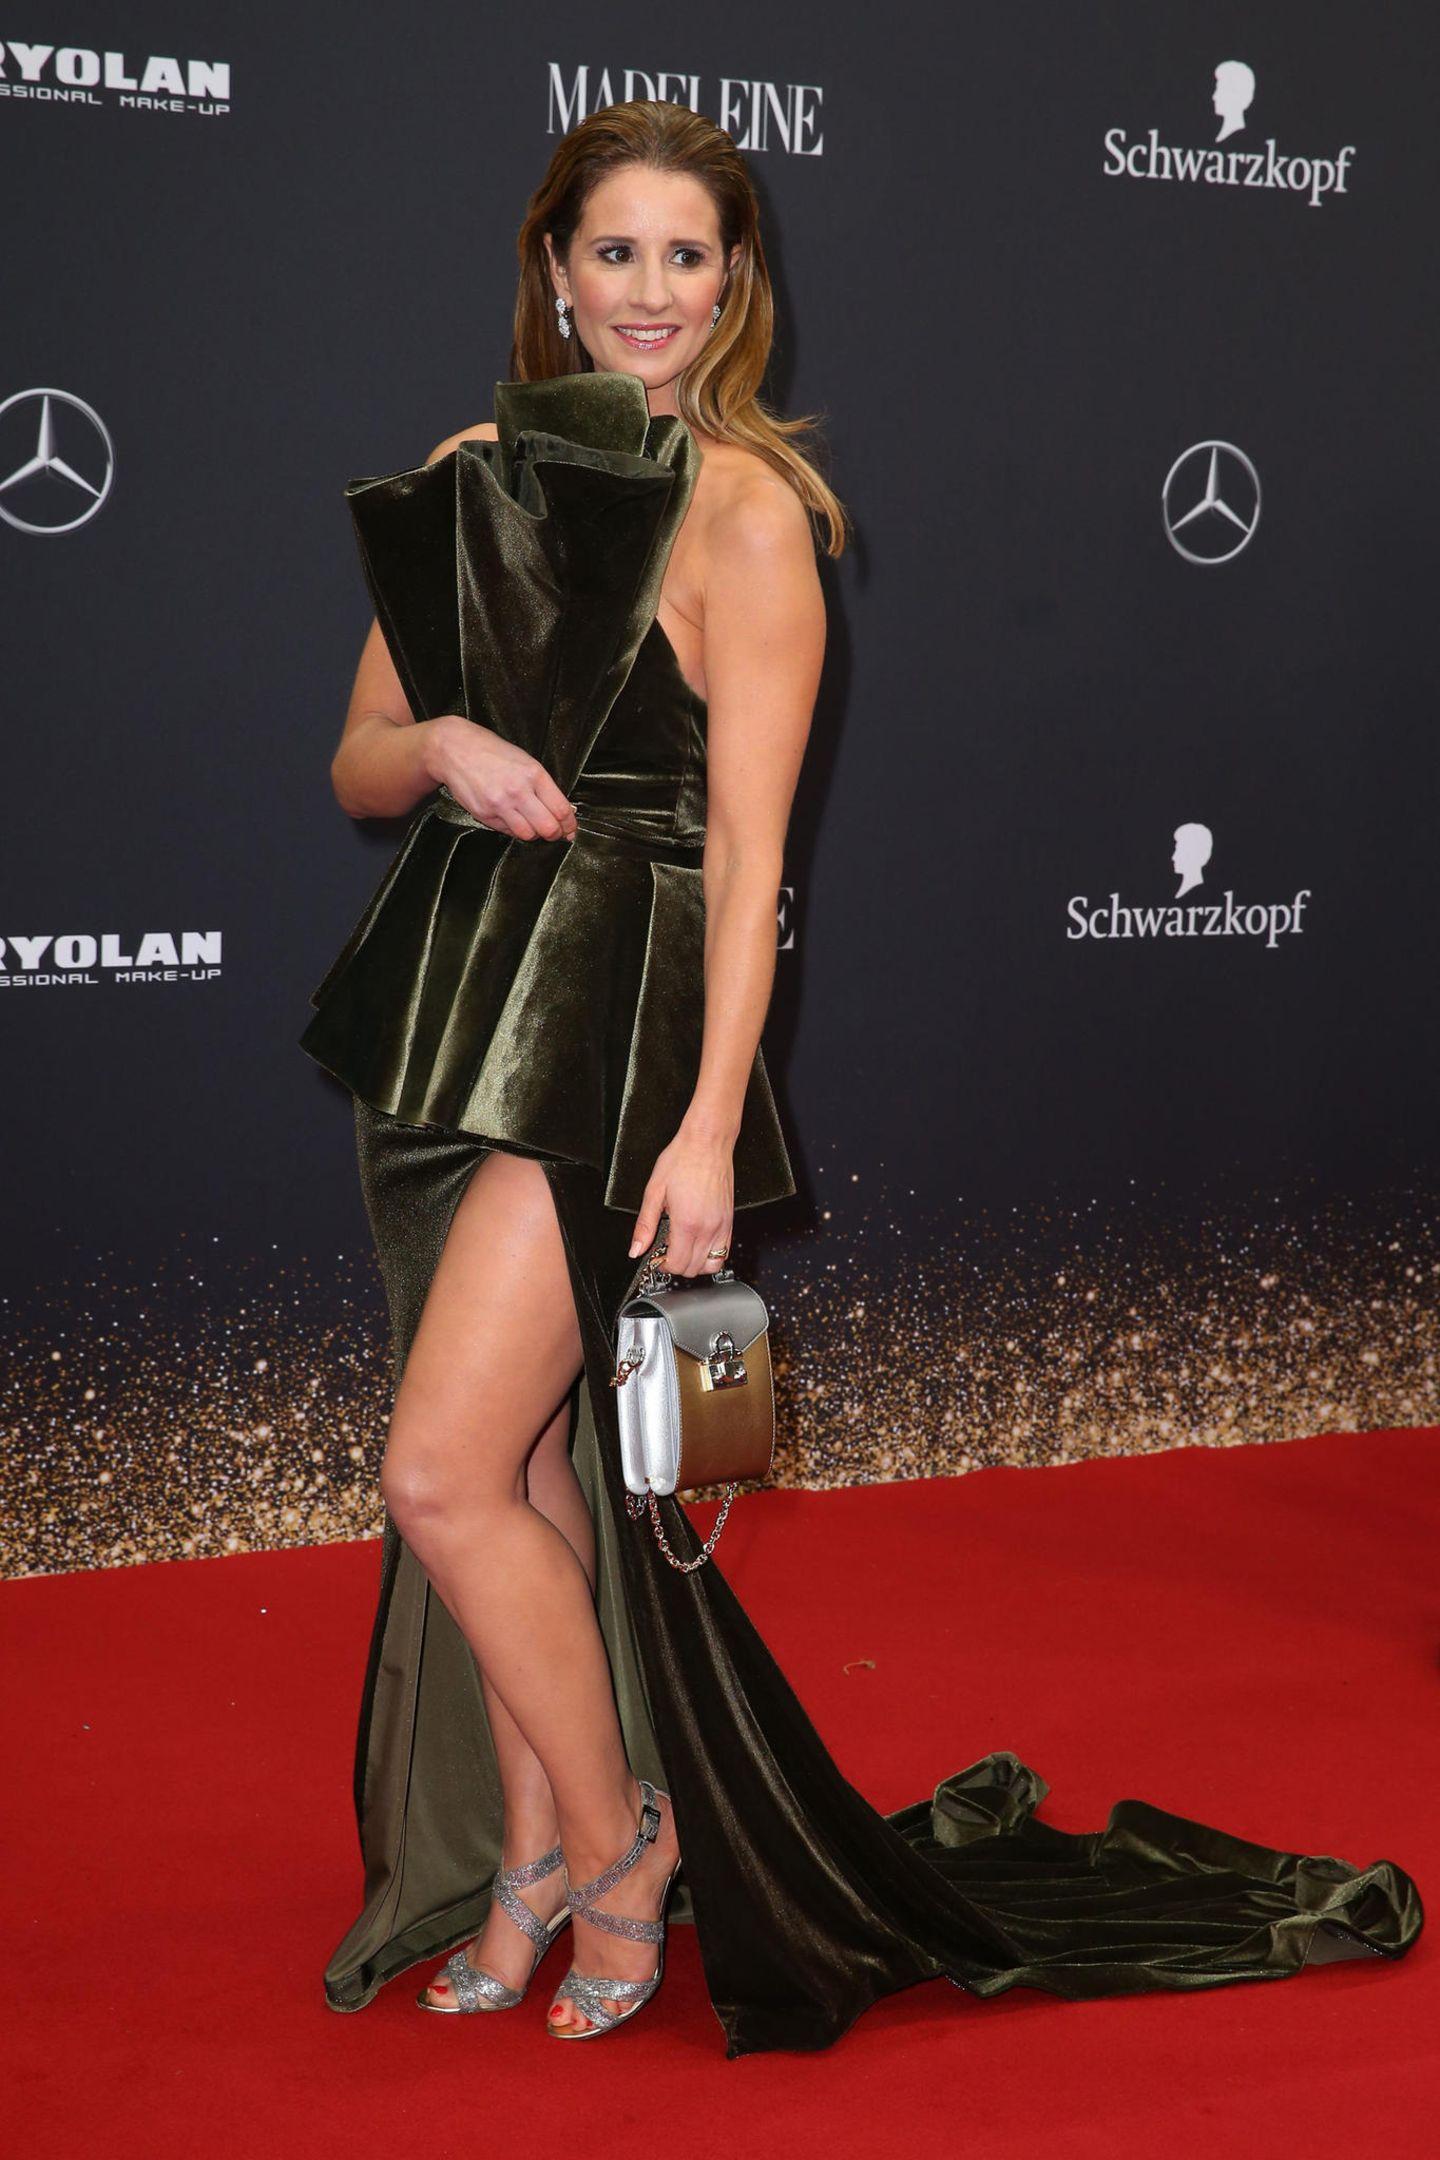 Mareile Höppner zeigt viel Bein in einem moosgrünen Traumkleid.